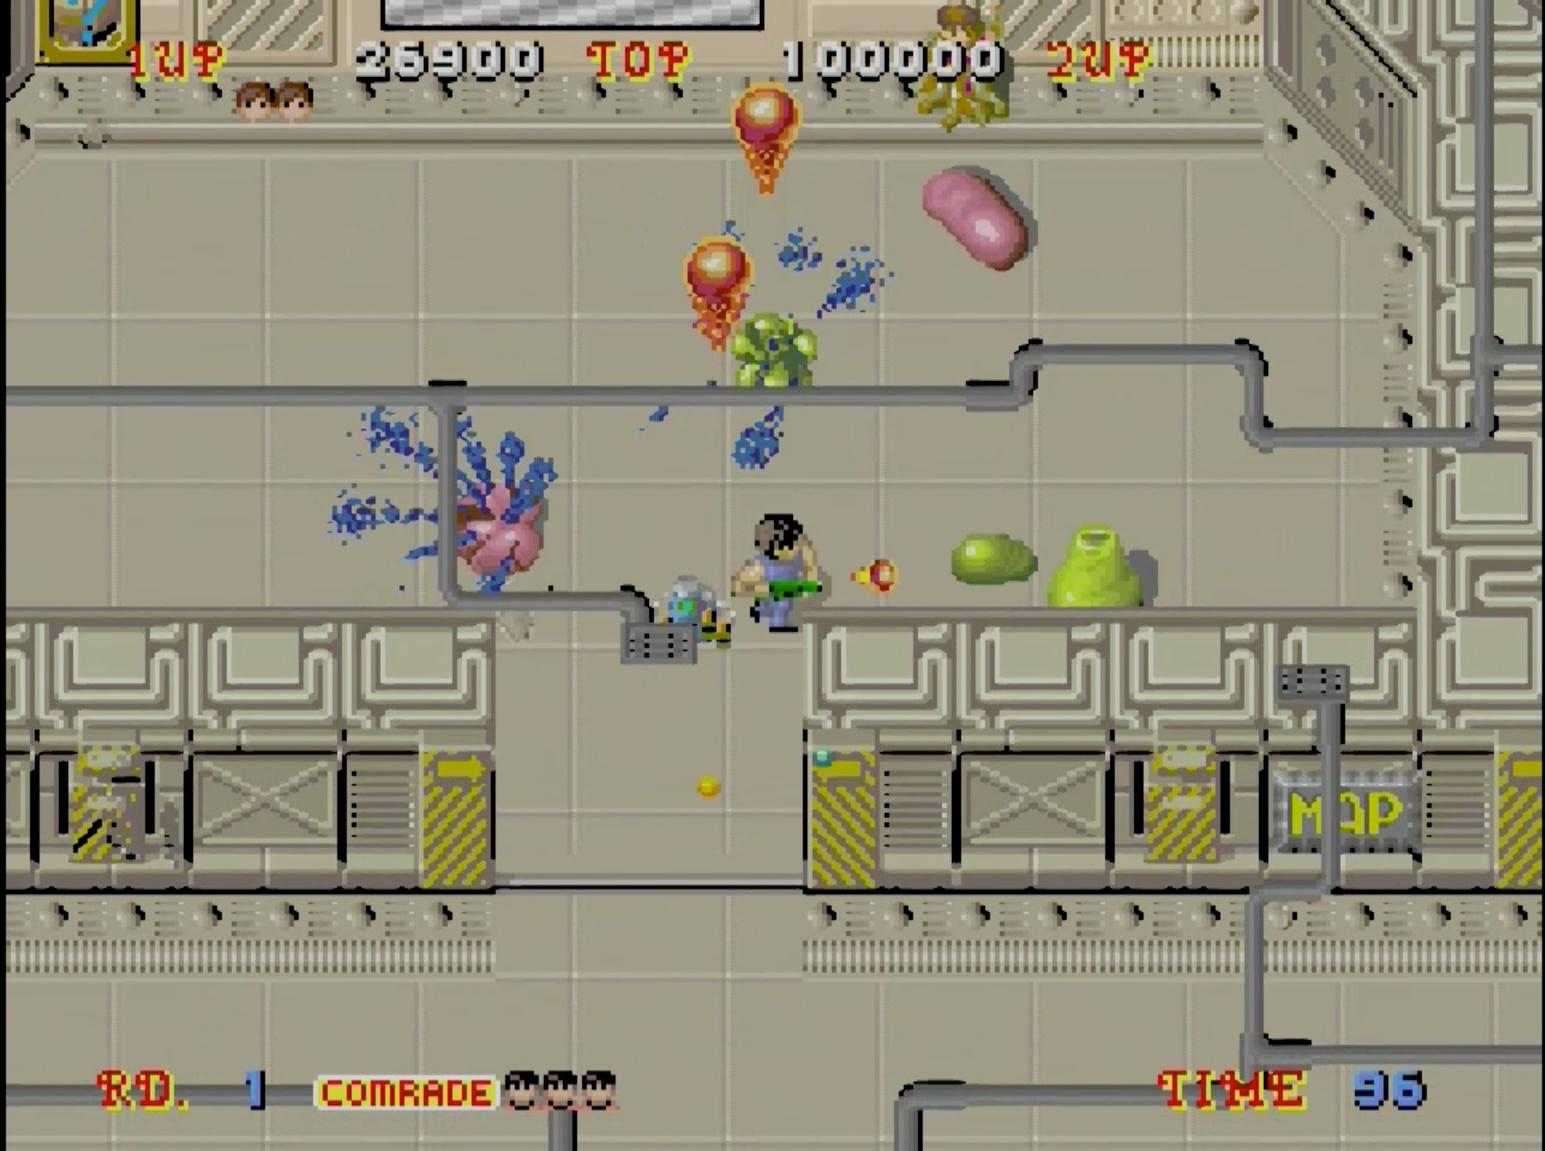 ホラーテイストアクションシューティングゲーム。エイリアンに侵略され、迷路となった宇宙船や宇宙基地を舞台に、囚われた16人の仲間を救出して脱出だ!